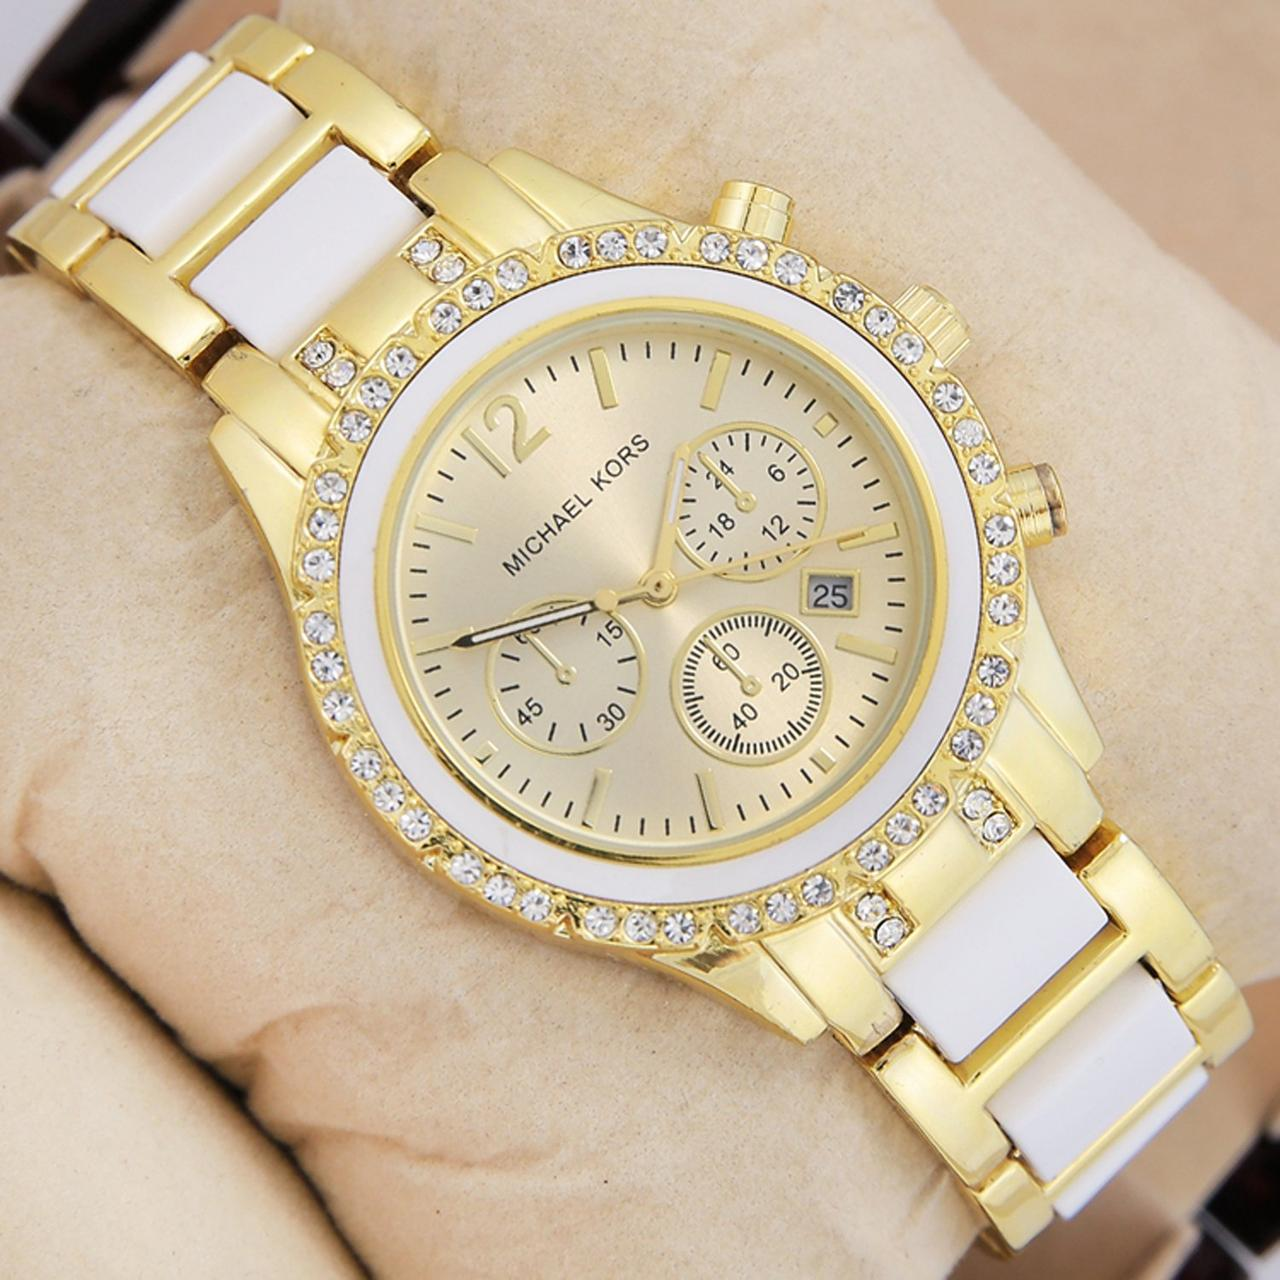 Наручные женские часы Michael Kors 10203 Crystal Gold-White-Gold